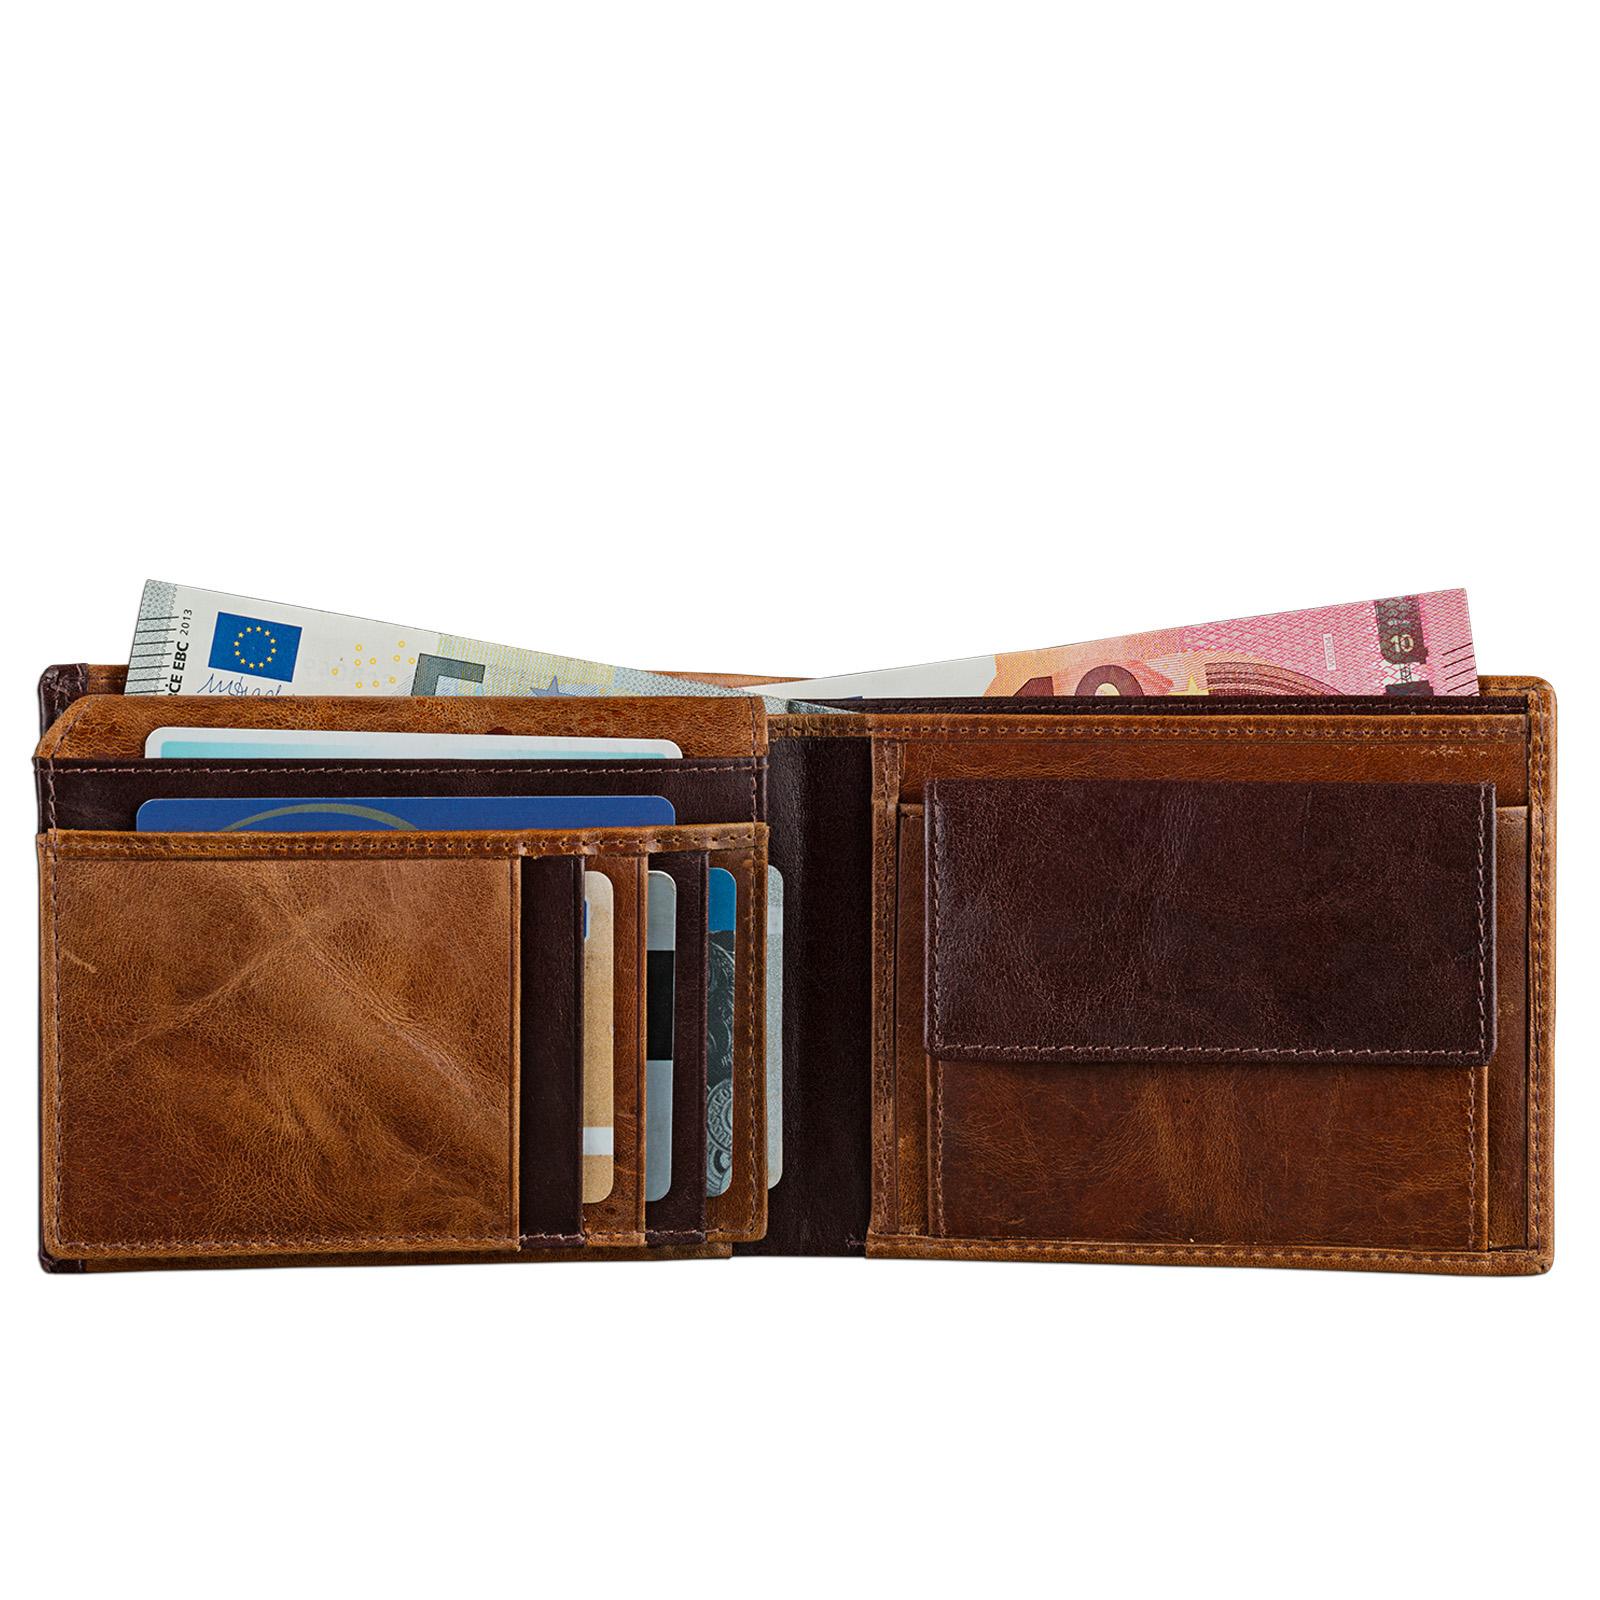 STILORD Vintage Herren Geldbörse / Portemonnaie aus hochwertigem Echt Leder, braun - Bild 6